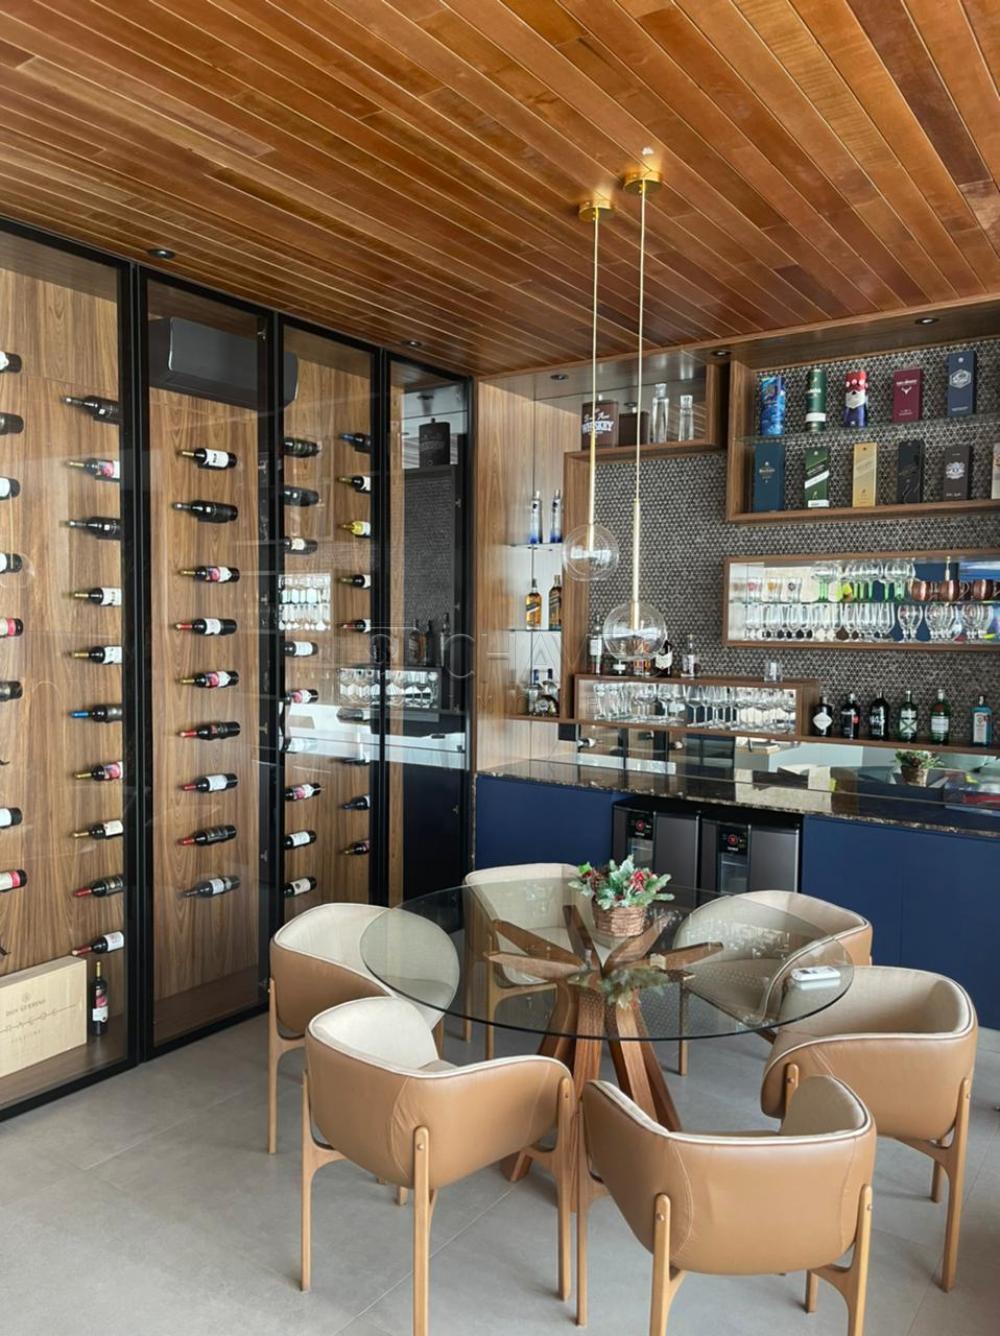 Comprar Casa / Condomínio em Ribeirão Preto R$ 3.700.000,00 - Foto 6